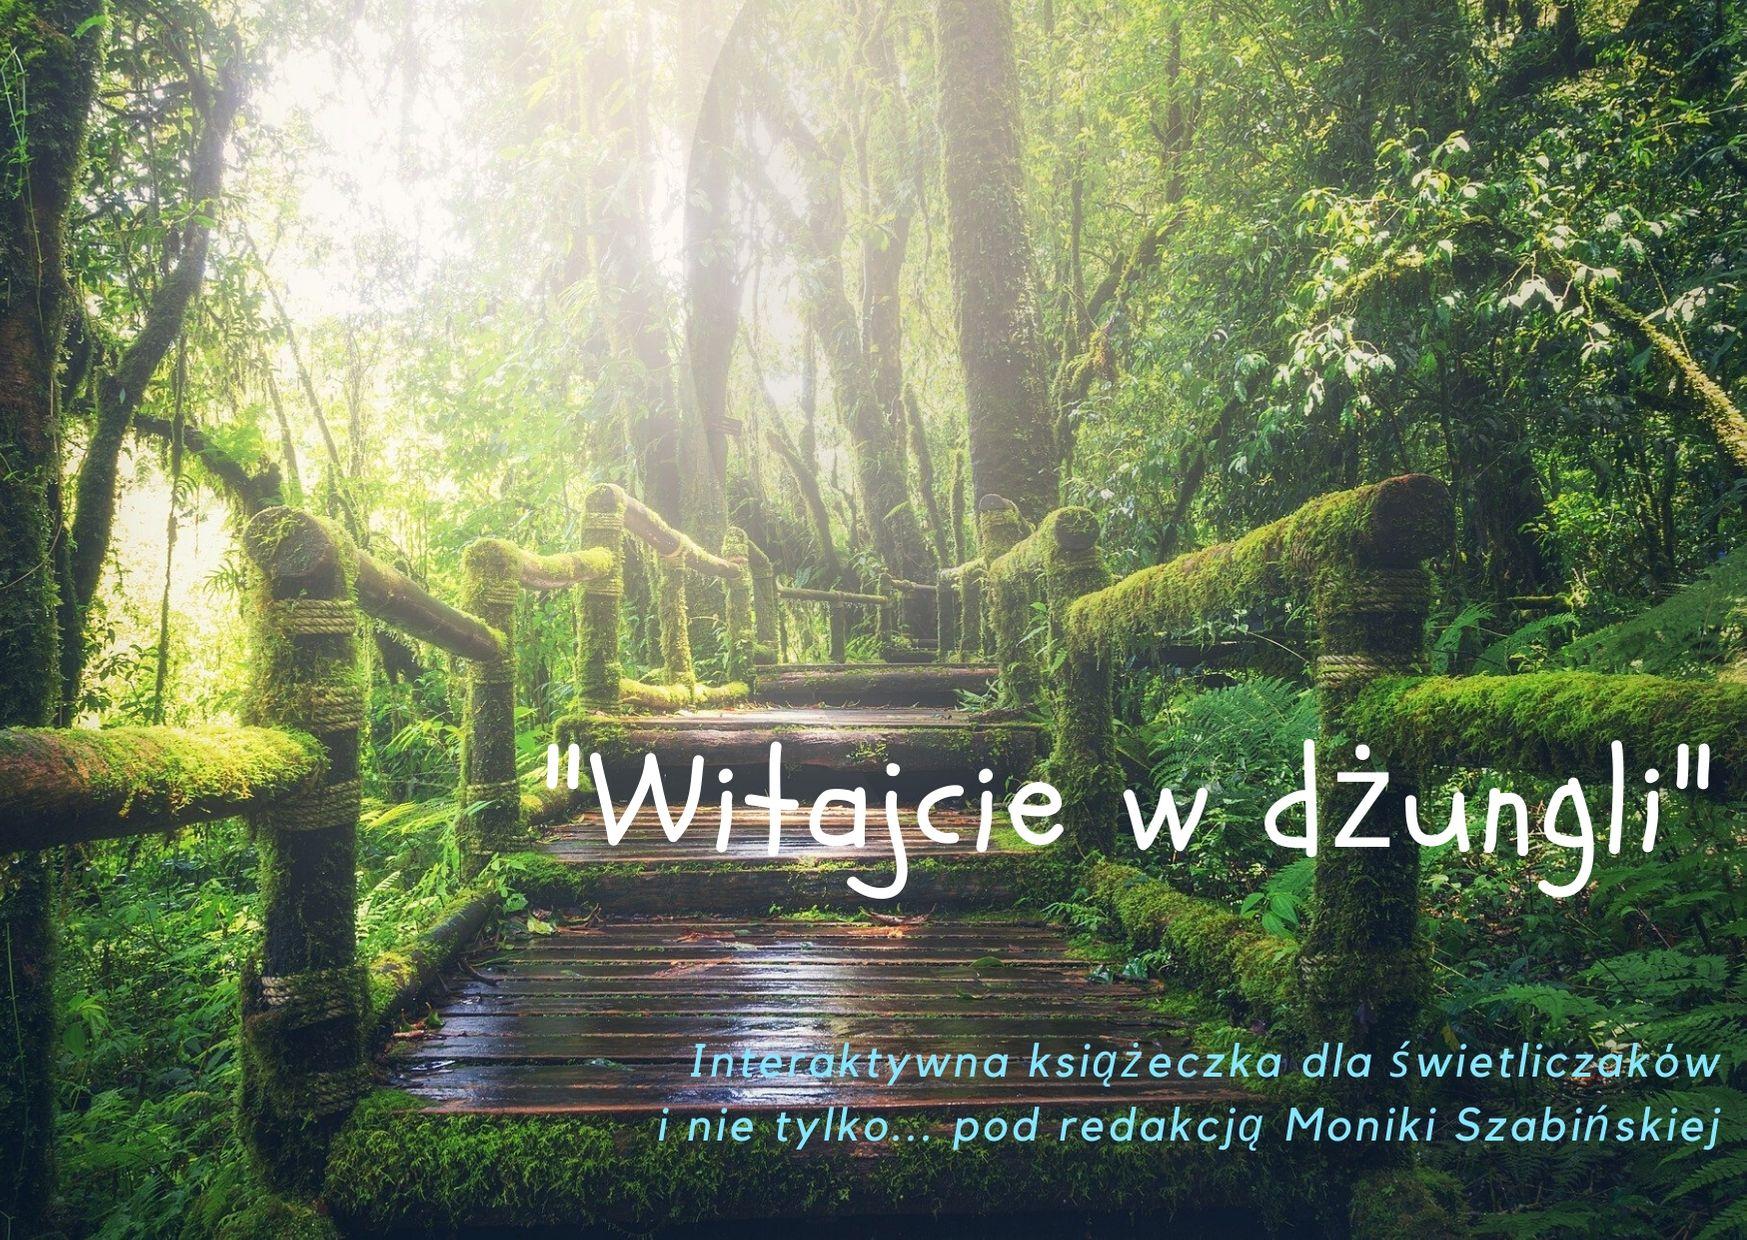 Witajcie w dżungli